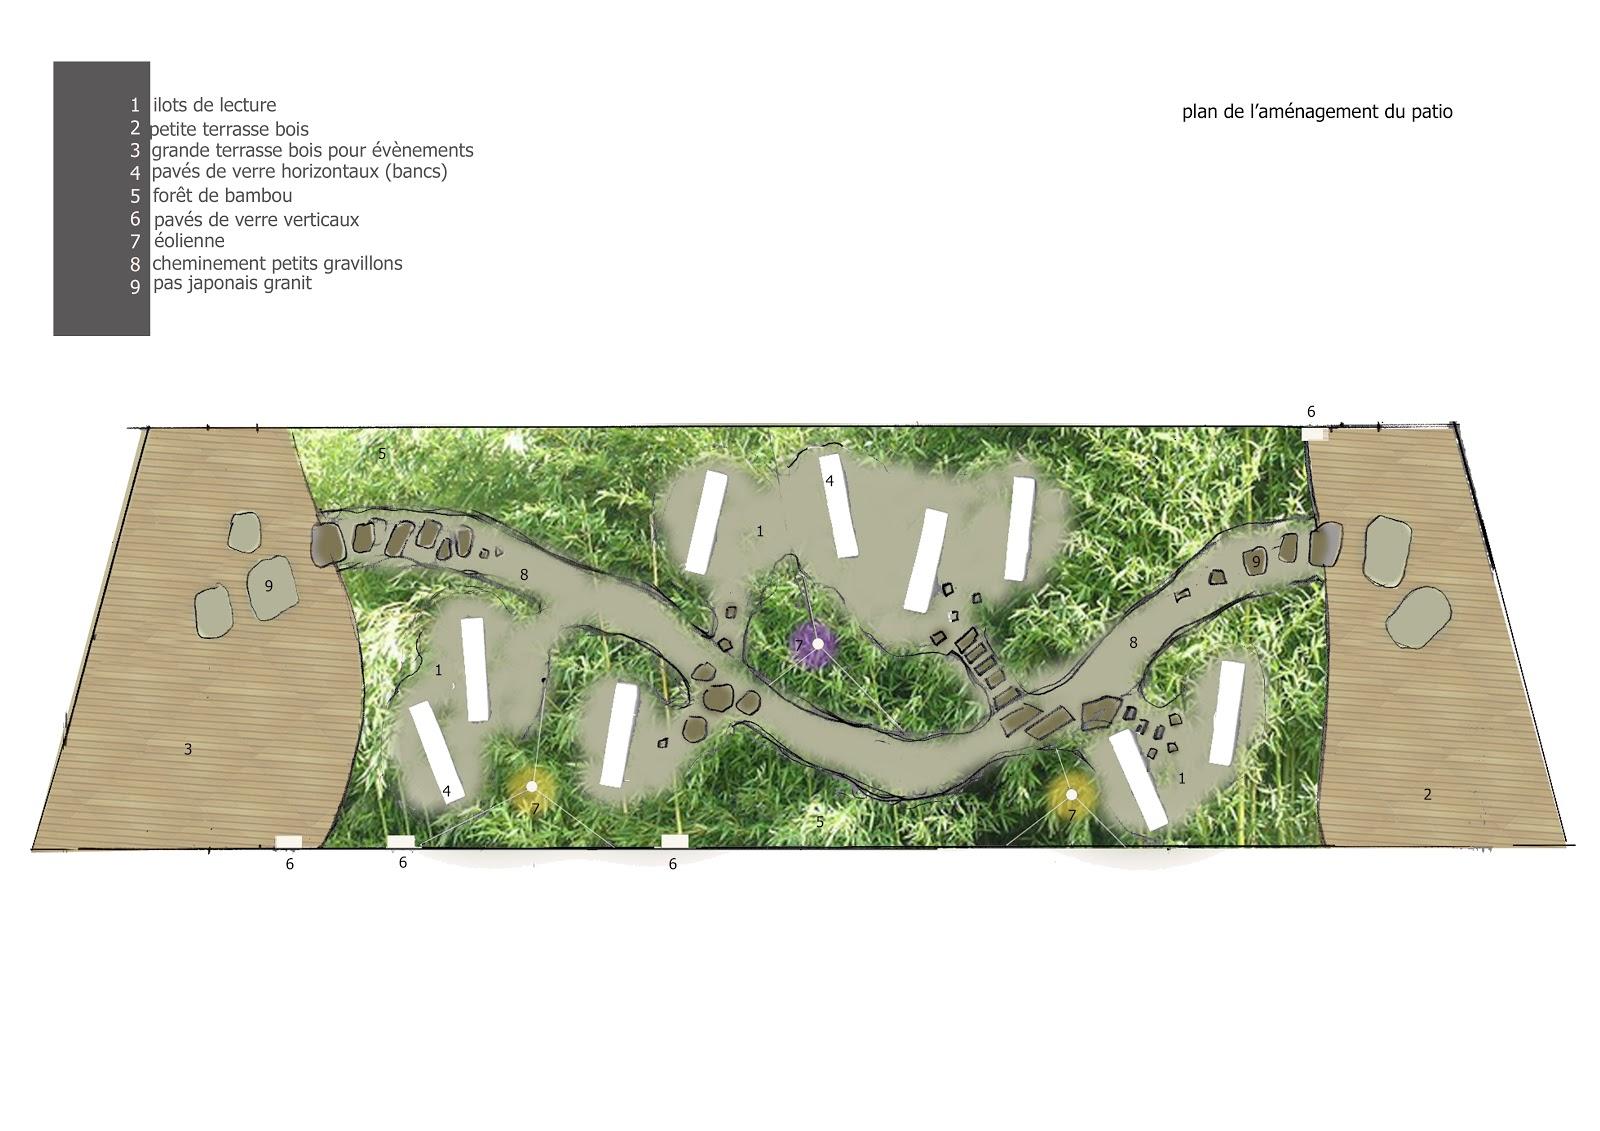 virginie farges architecture cologique corr ze limousin brive limoges maison bois jardin patio. Black Bedroom Furniture Sets. Home Design Ideas